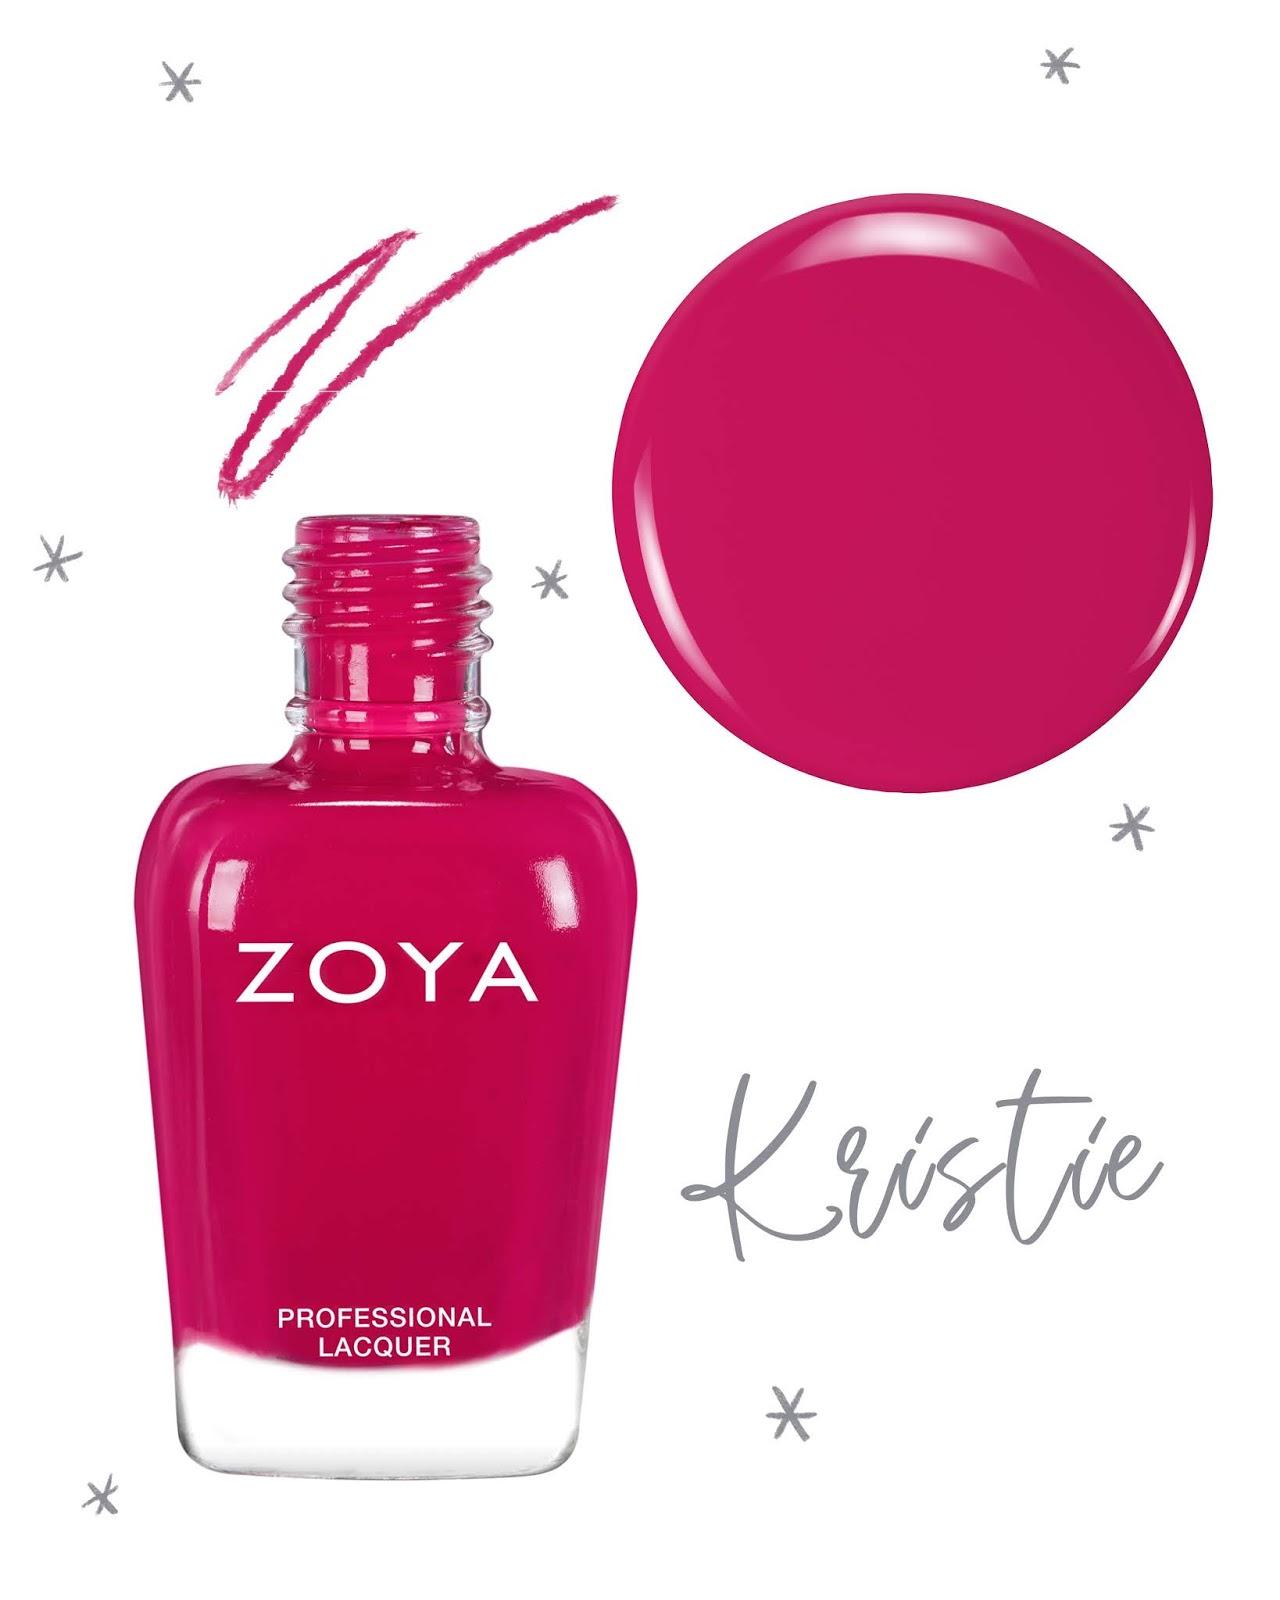 Zoya Kristie